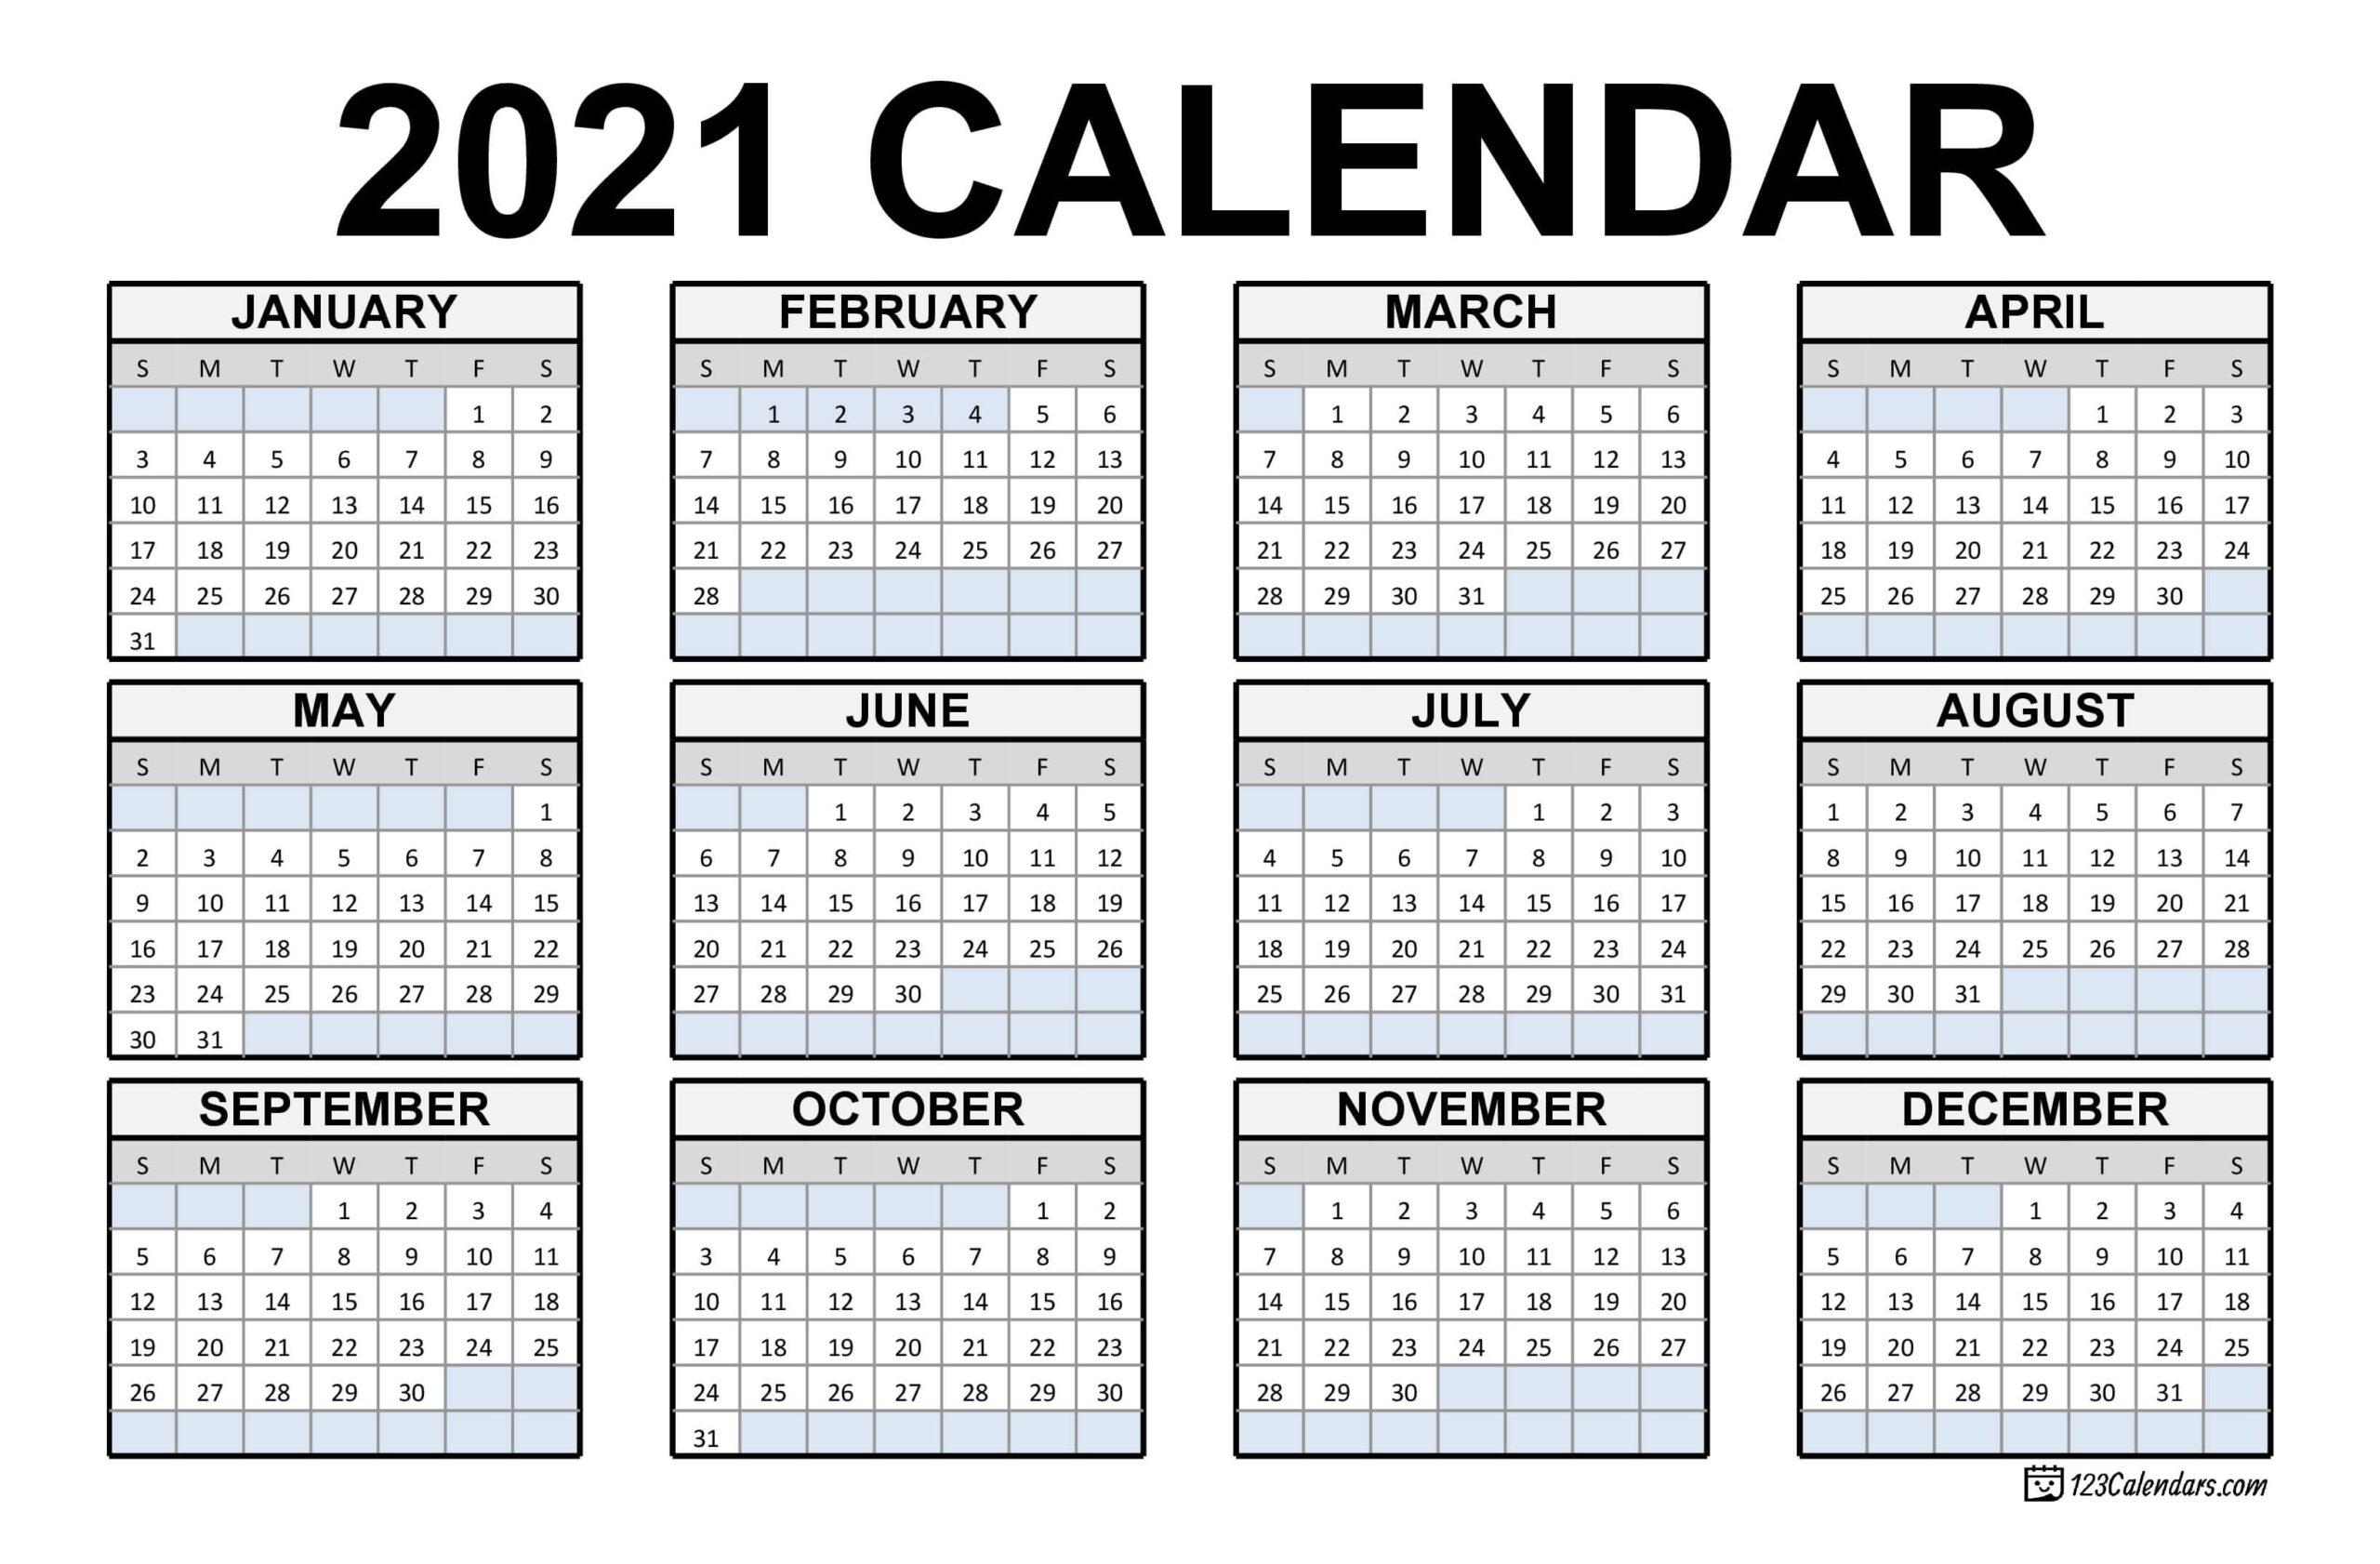 2021 Printable Calendar | 123Calendars intended for Calendar Fill In 2021